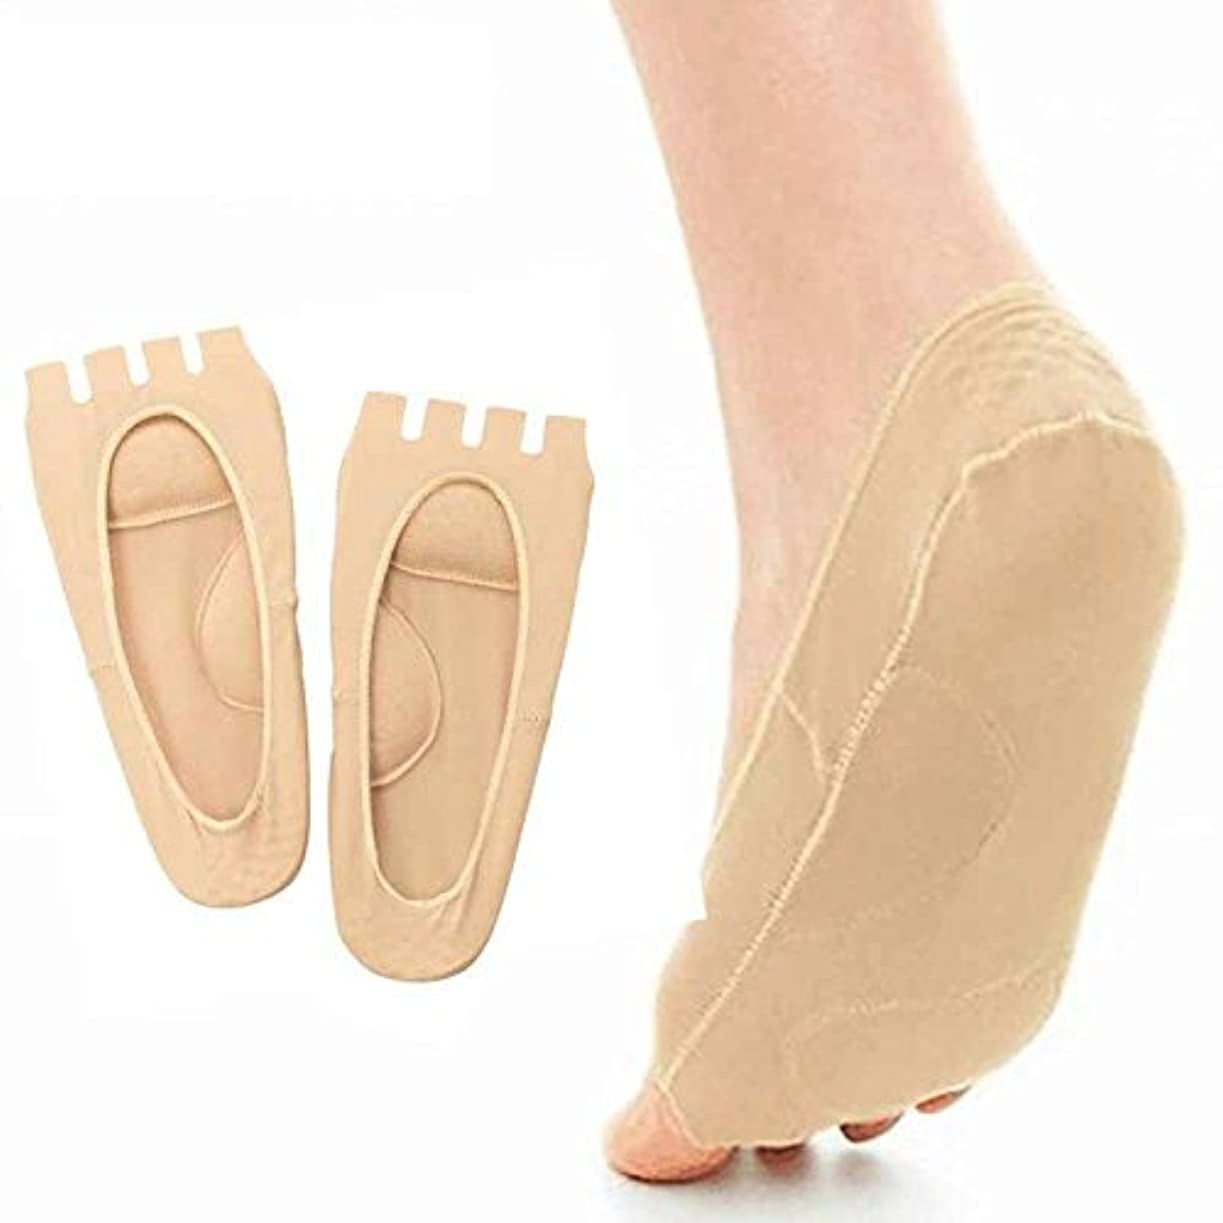 Lorny(TM) ペディキュアツールコンシーラー親指の外反母趾の足セパレータフットケアツールのソックスマッサージャーアーチサポートソックスの痛みを軽減するフット